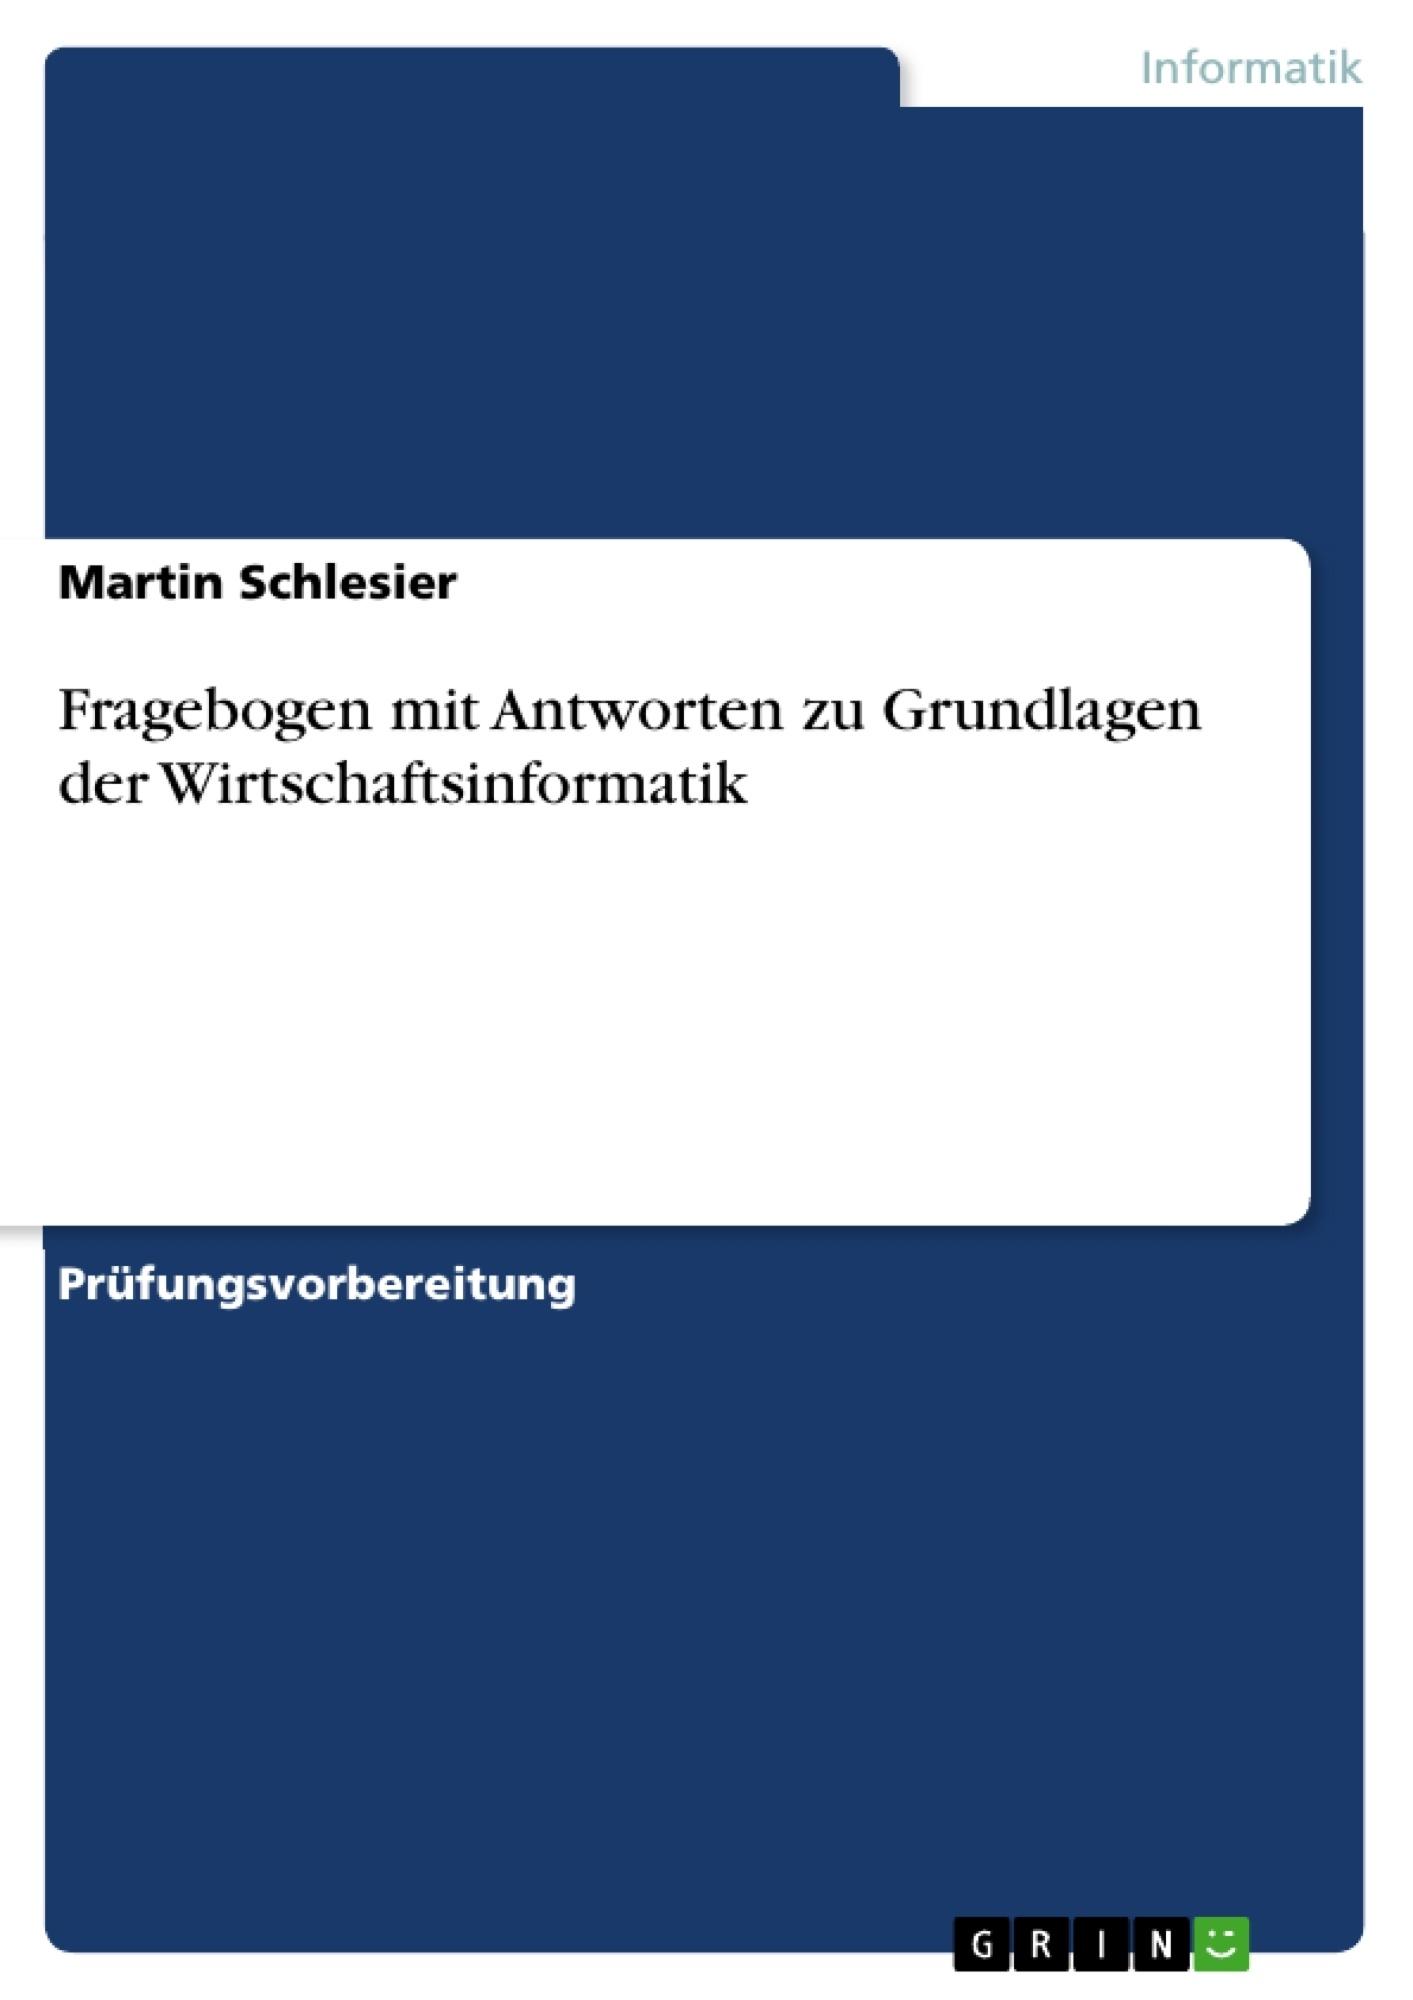 Titel: Fragebogen mit Antworten zu Grundlagen der Wirtschaftsinformatik